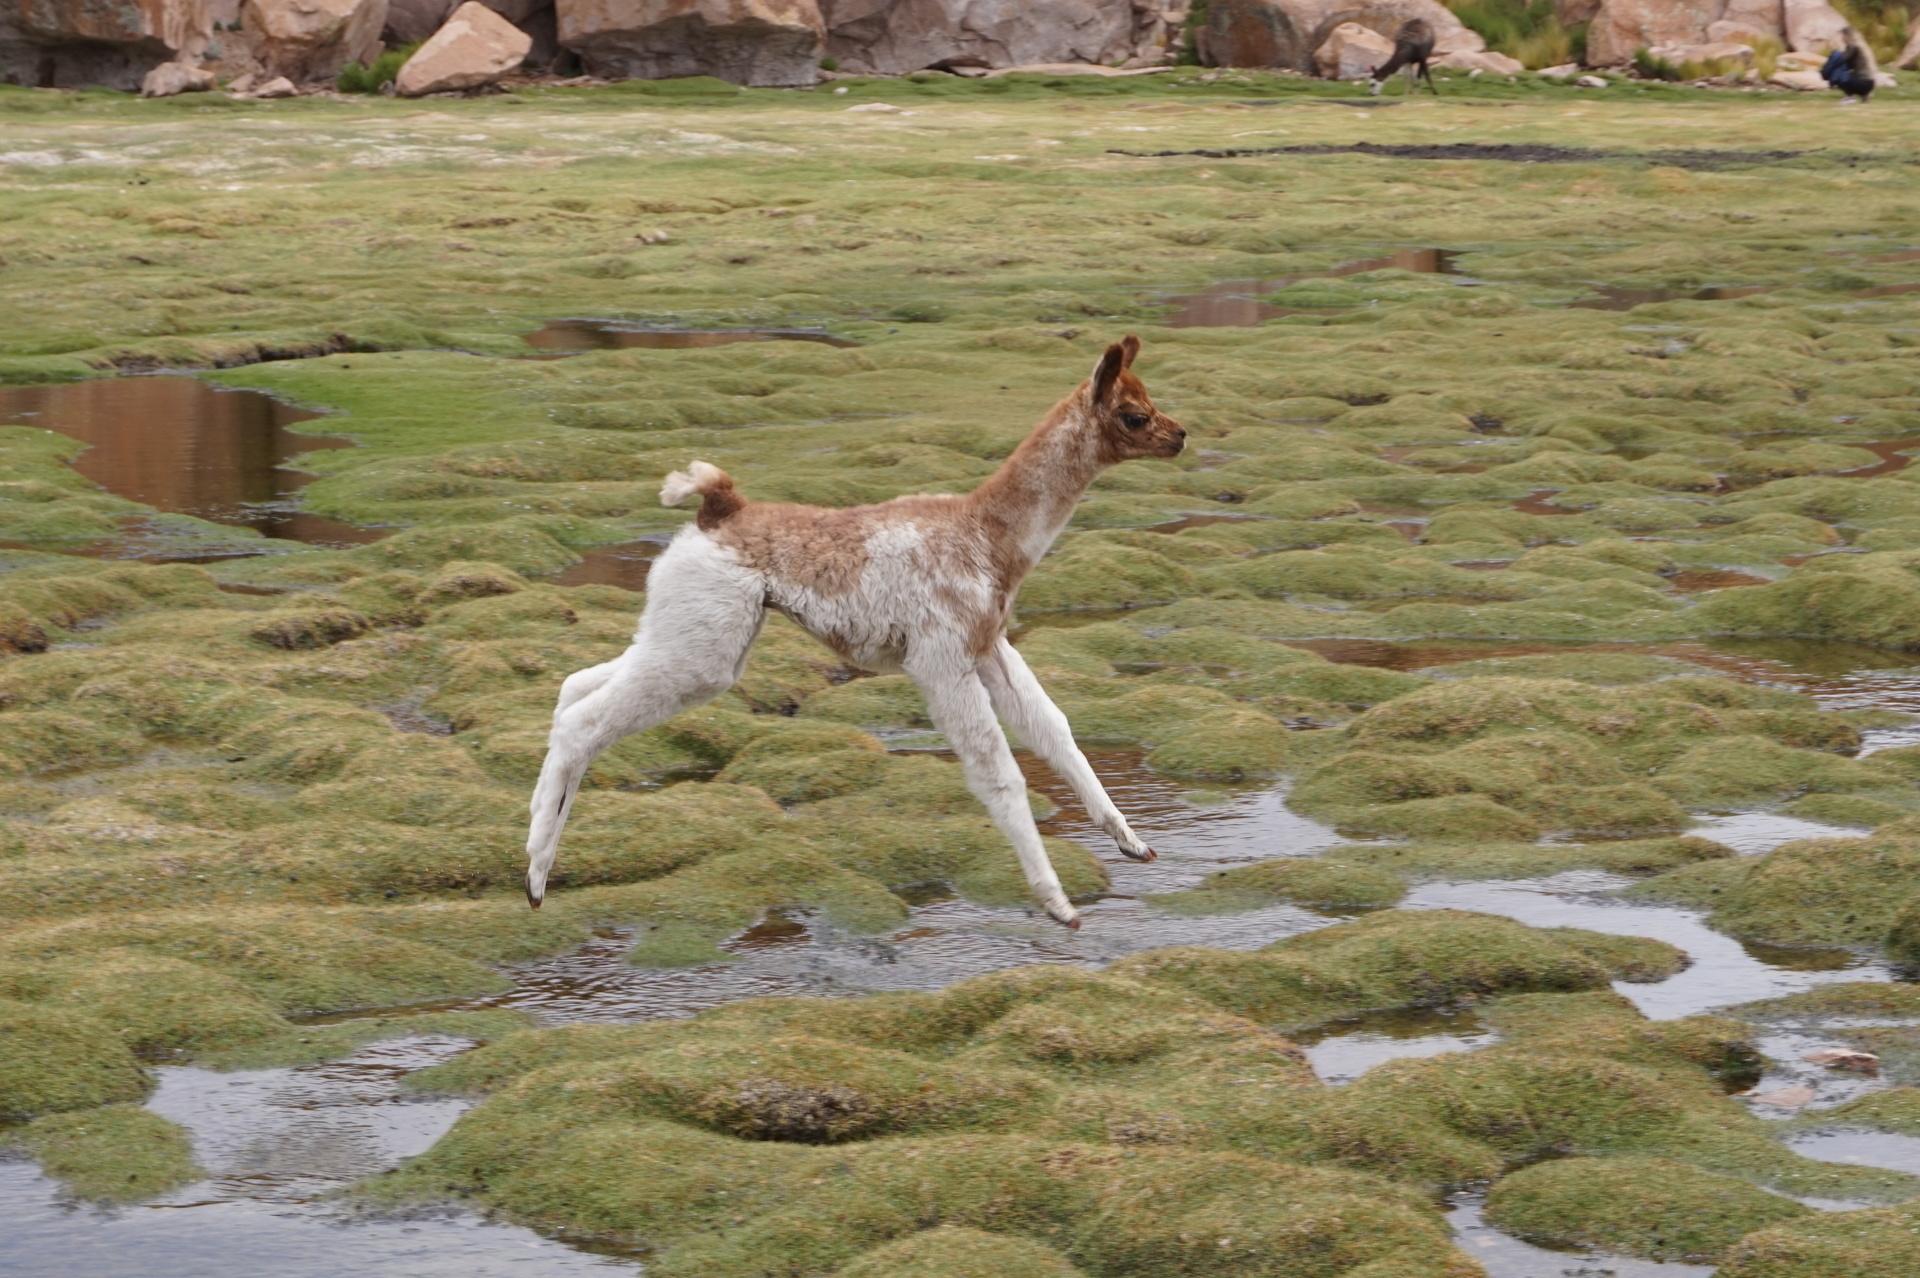 チリ ボリビア ウユニ旅行 2泊3日ツアー 子供アルパカ